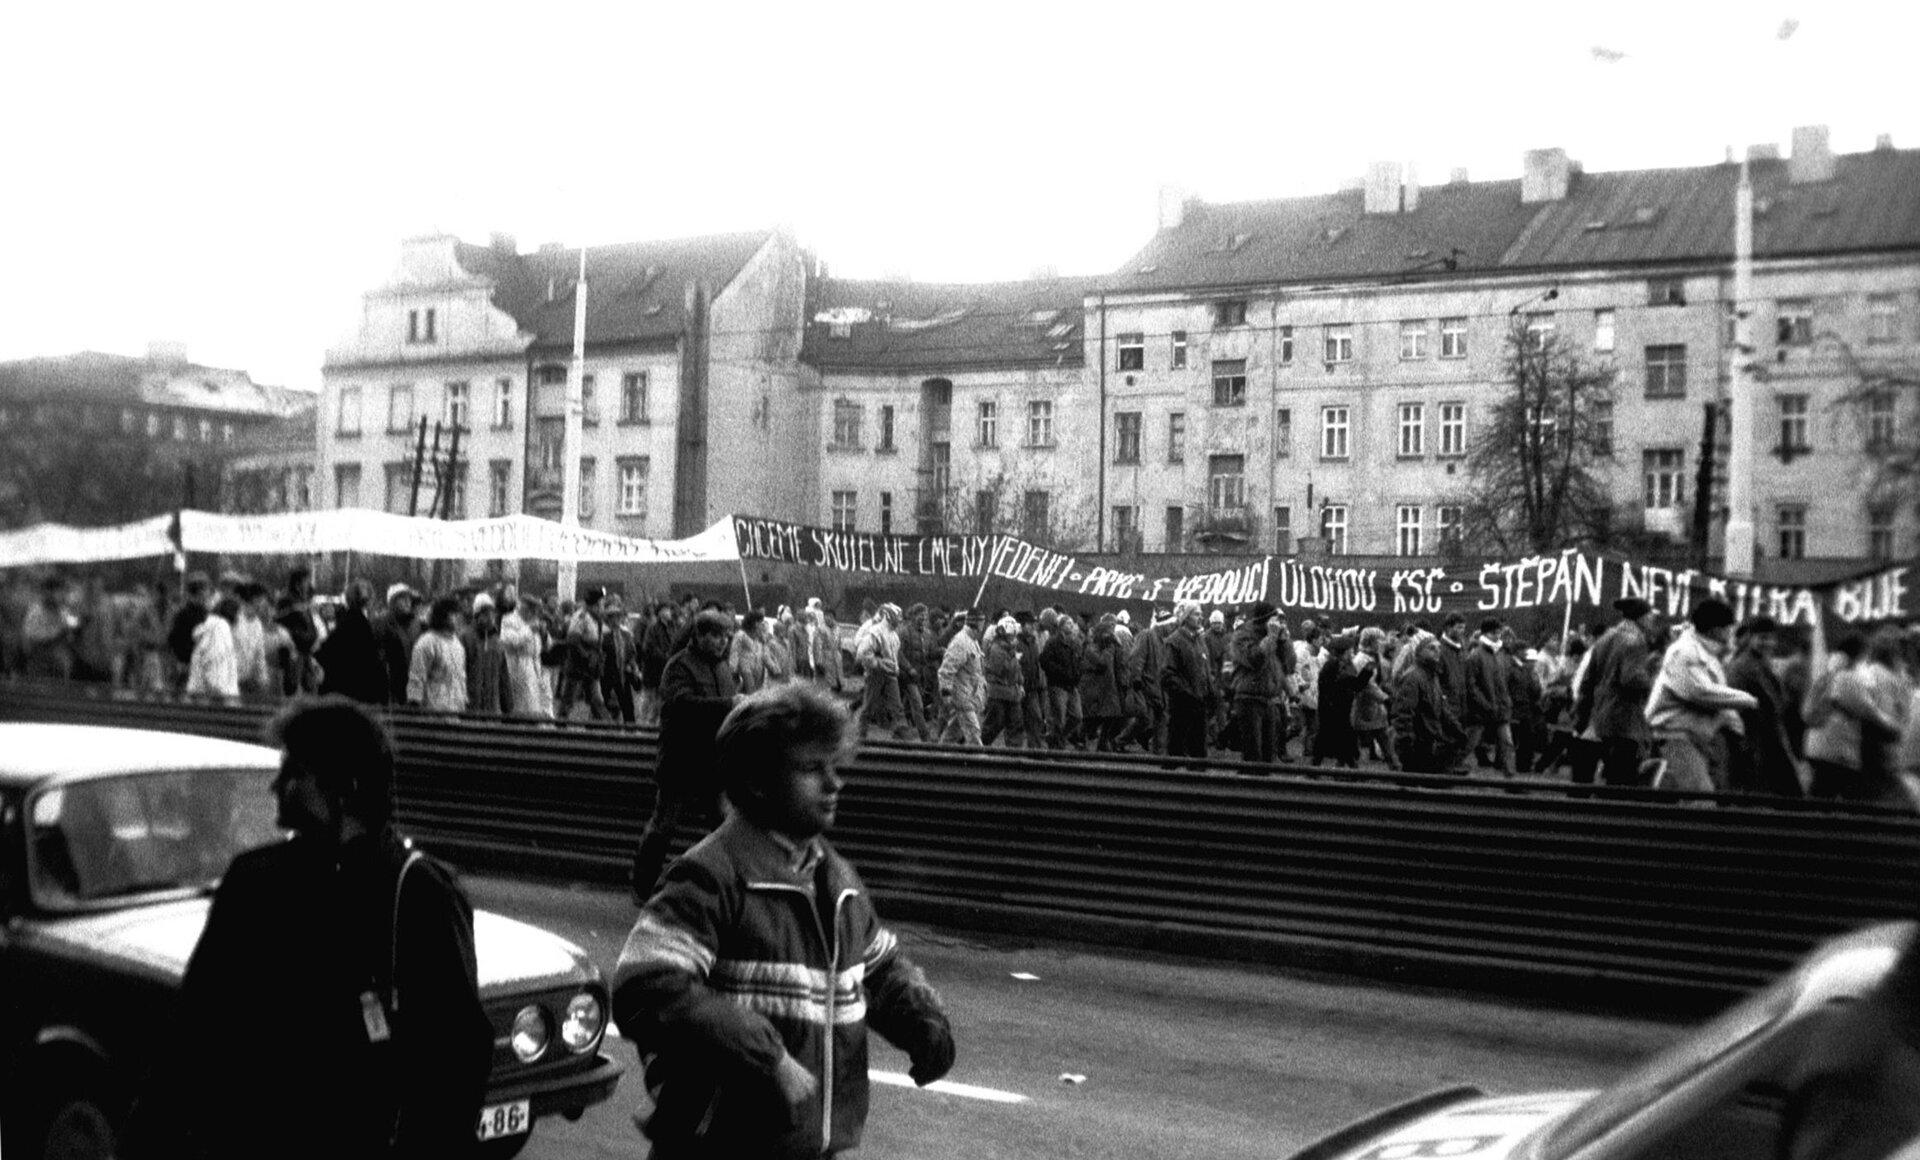 Na czarno-białym zdjęciu demonstracja. Tłum idzie ulicą, transparenty znapisami wjęzyku czeskim.